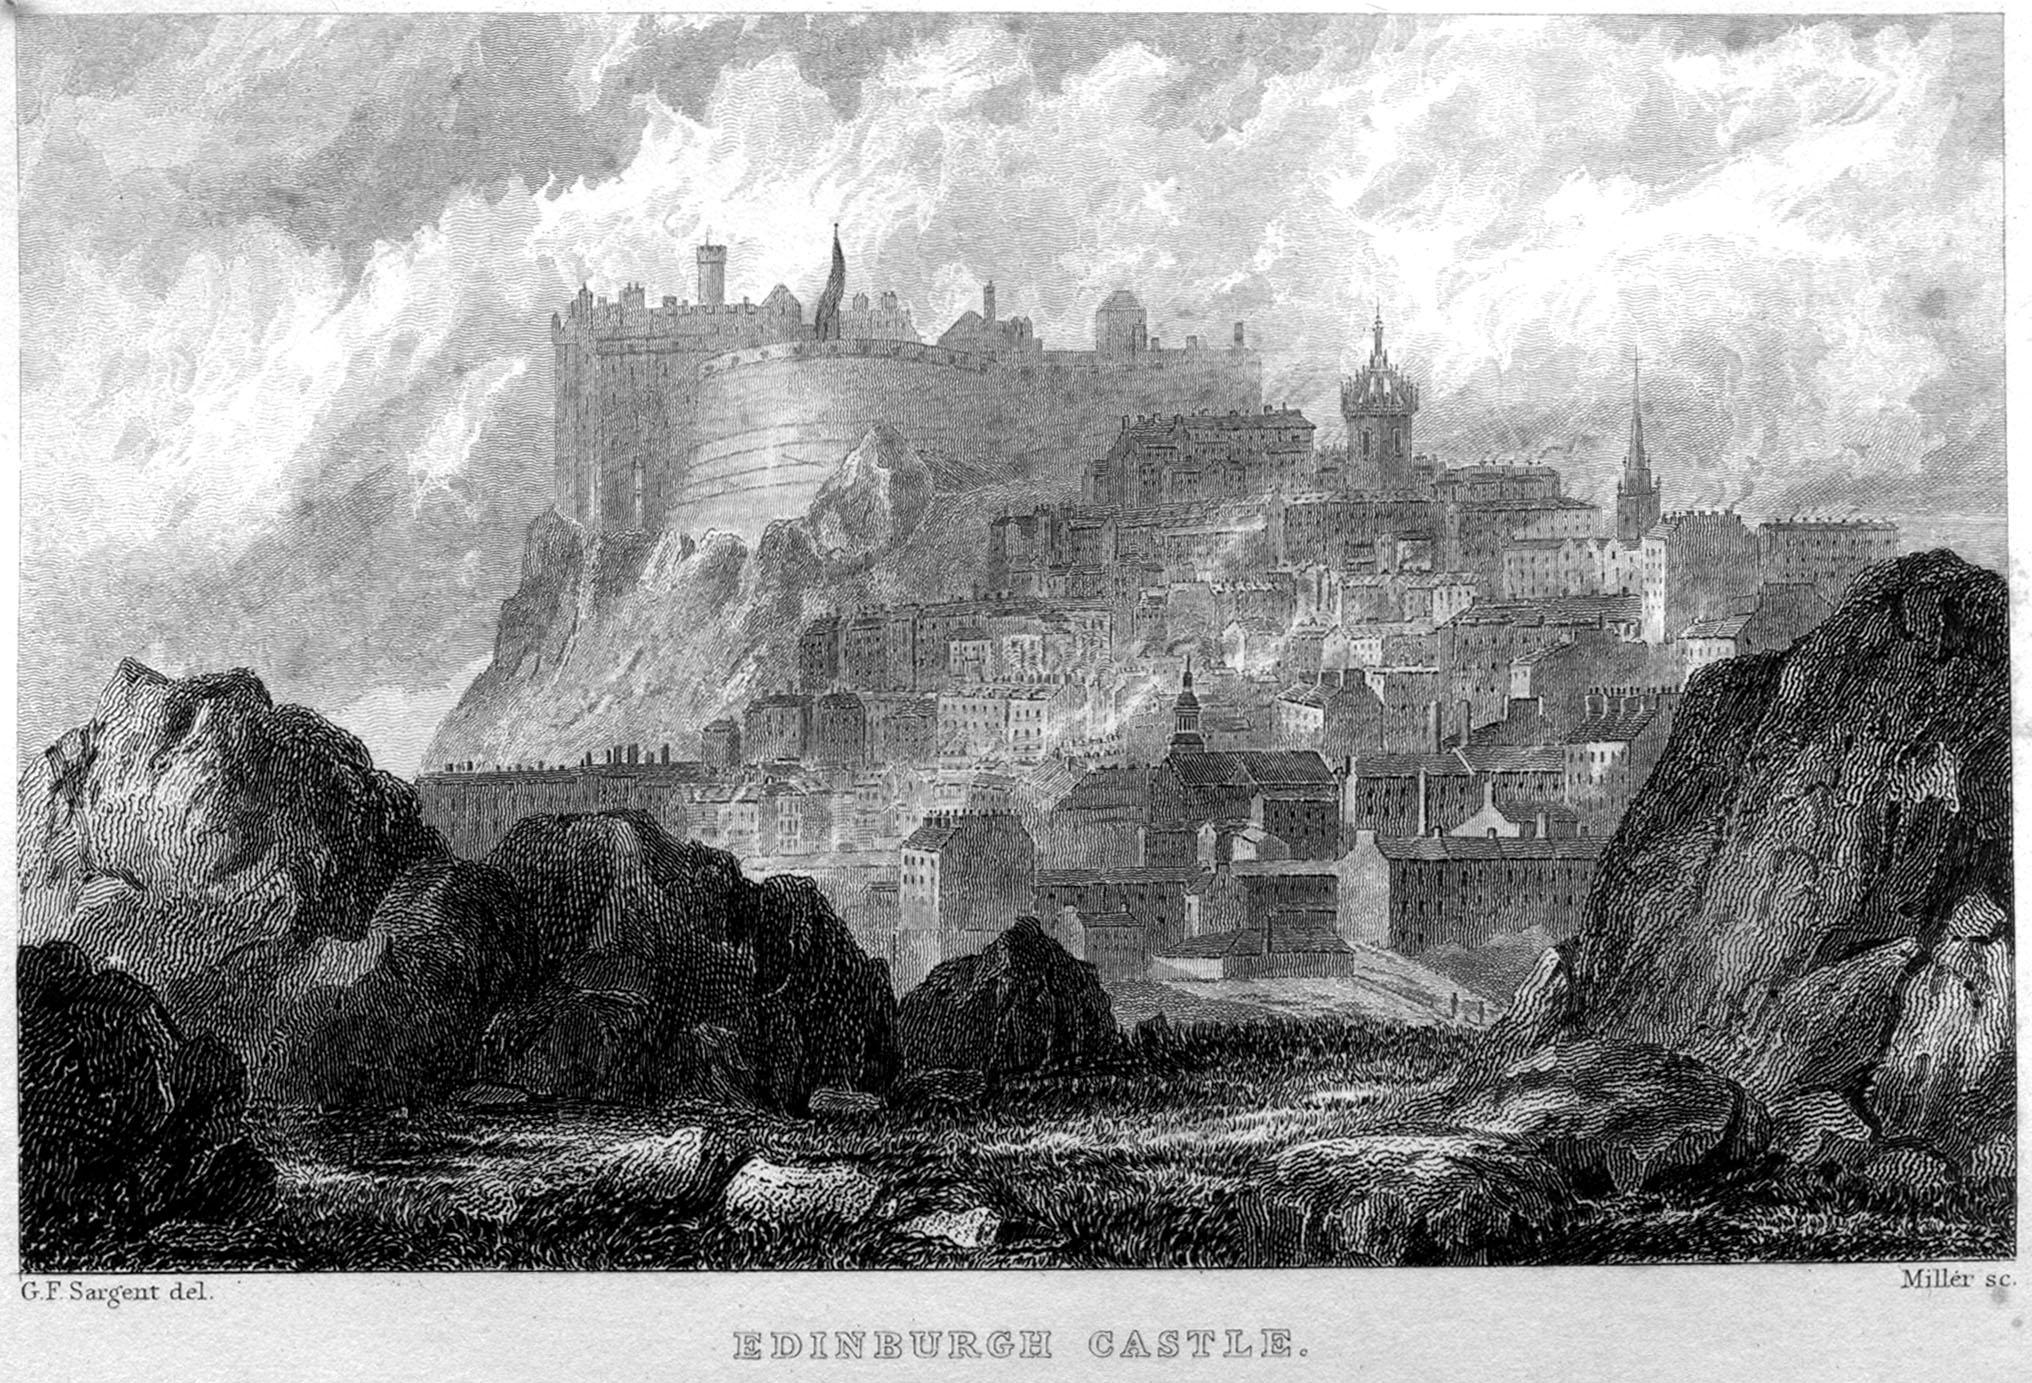 William Miler, d'après Sargent, Edinburgh Castle, 1832